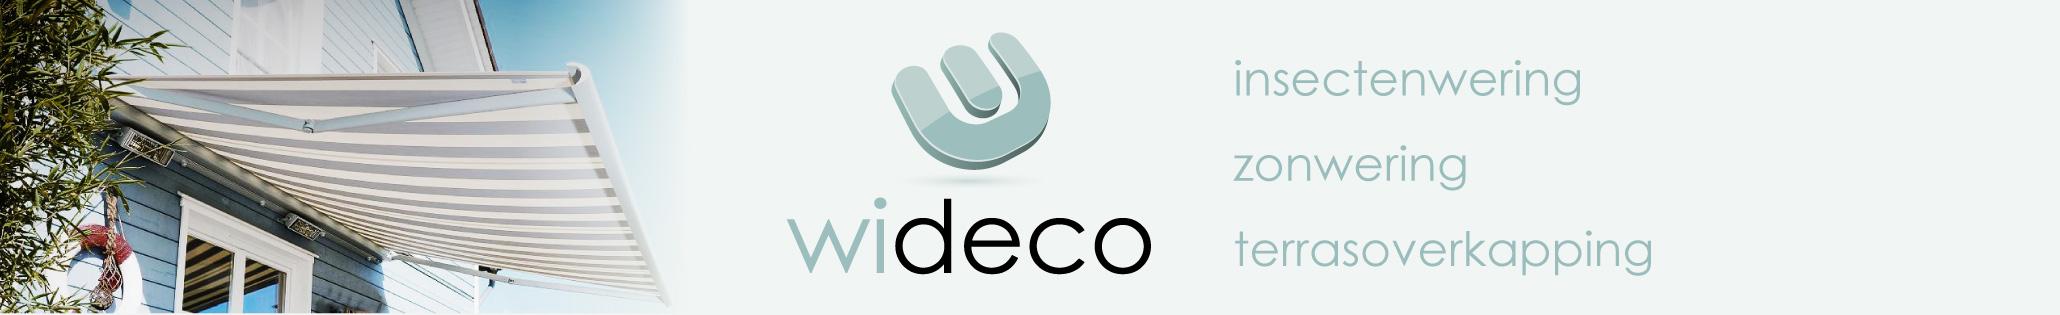 Wideco